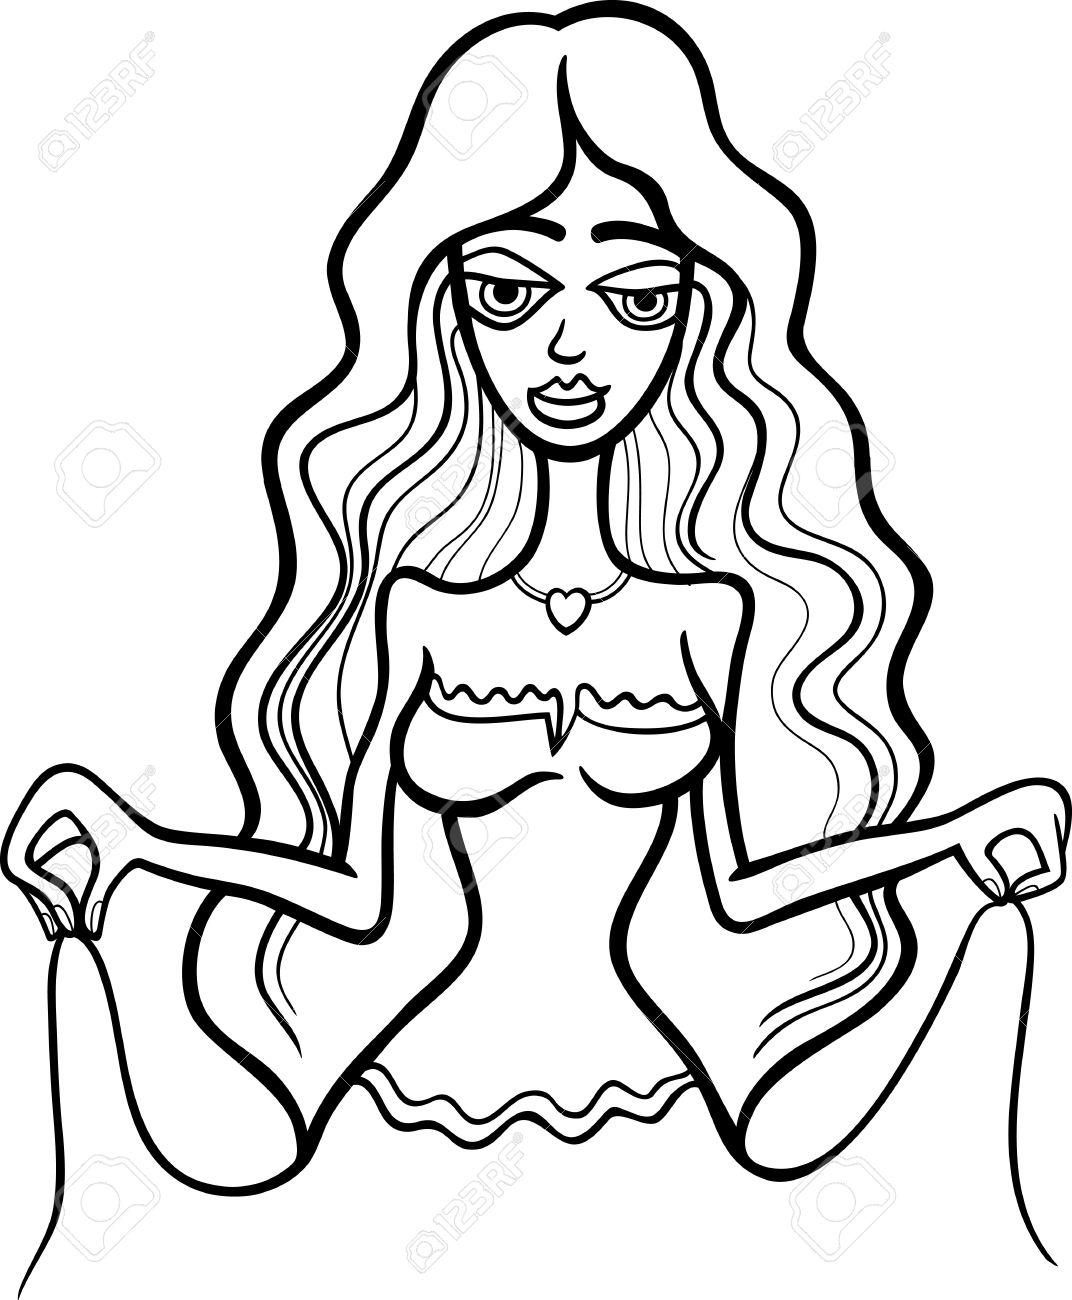 Ilustración Del Personaje De Dibujos Animados Hermosa Mujer Con ...